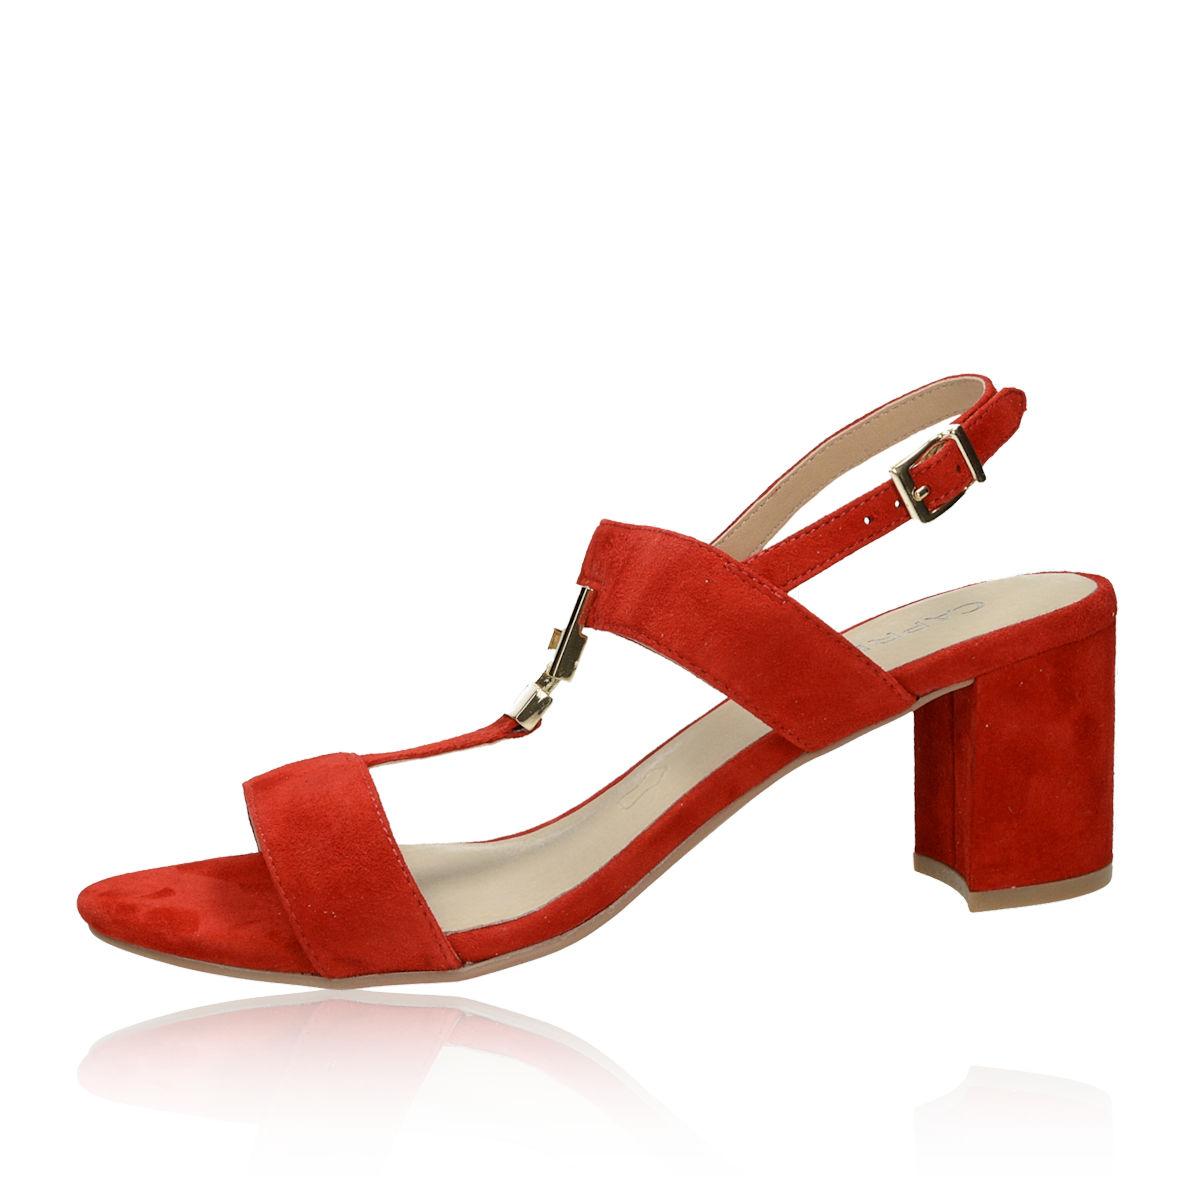 cbfc2ab018 Caprice dámske semišové sandále - červené Caprice dámske semišové sandále -  červené ...